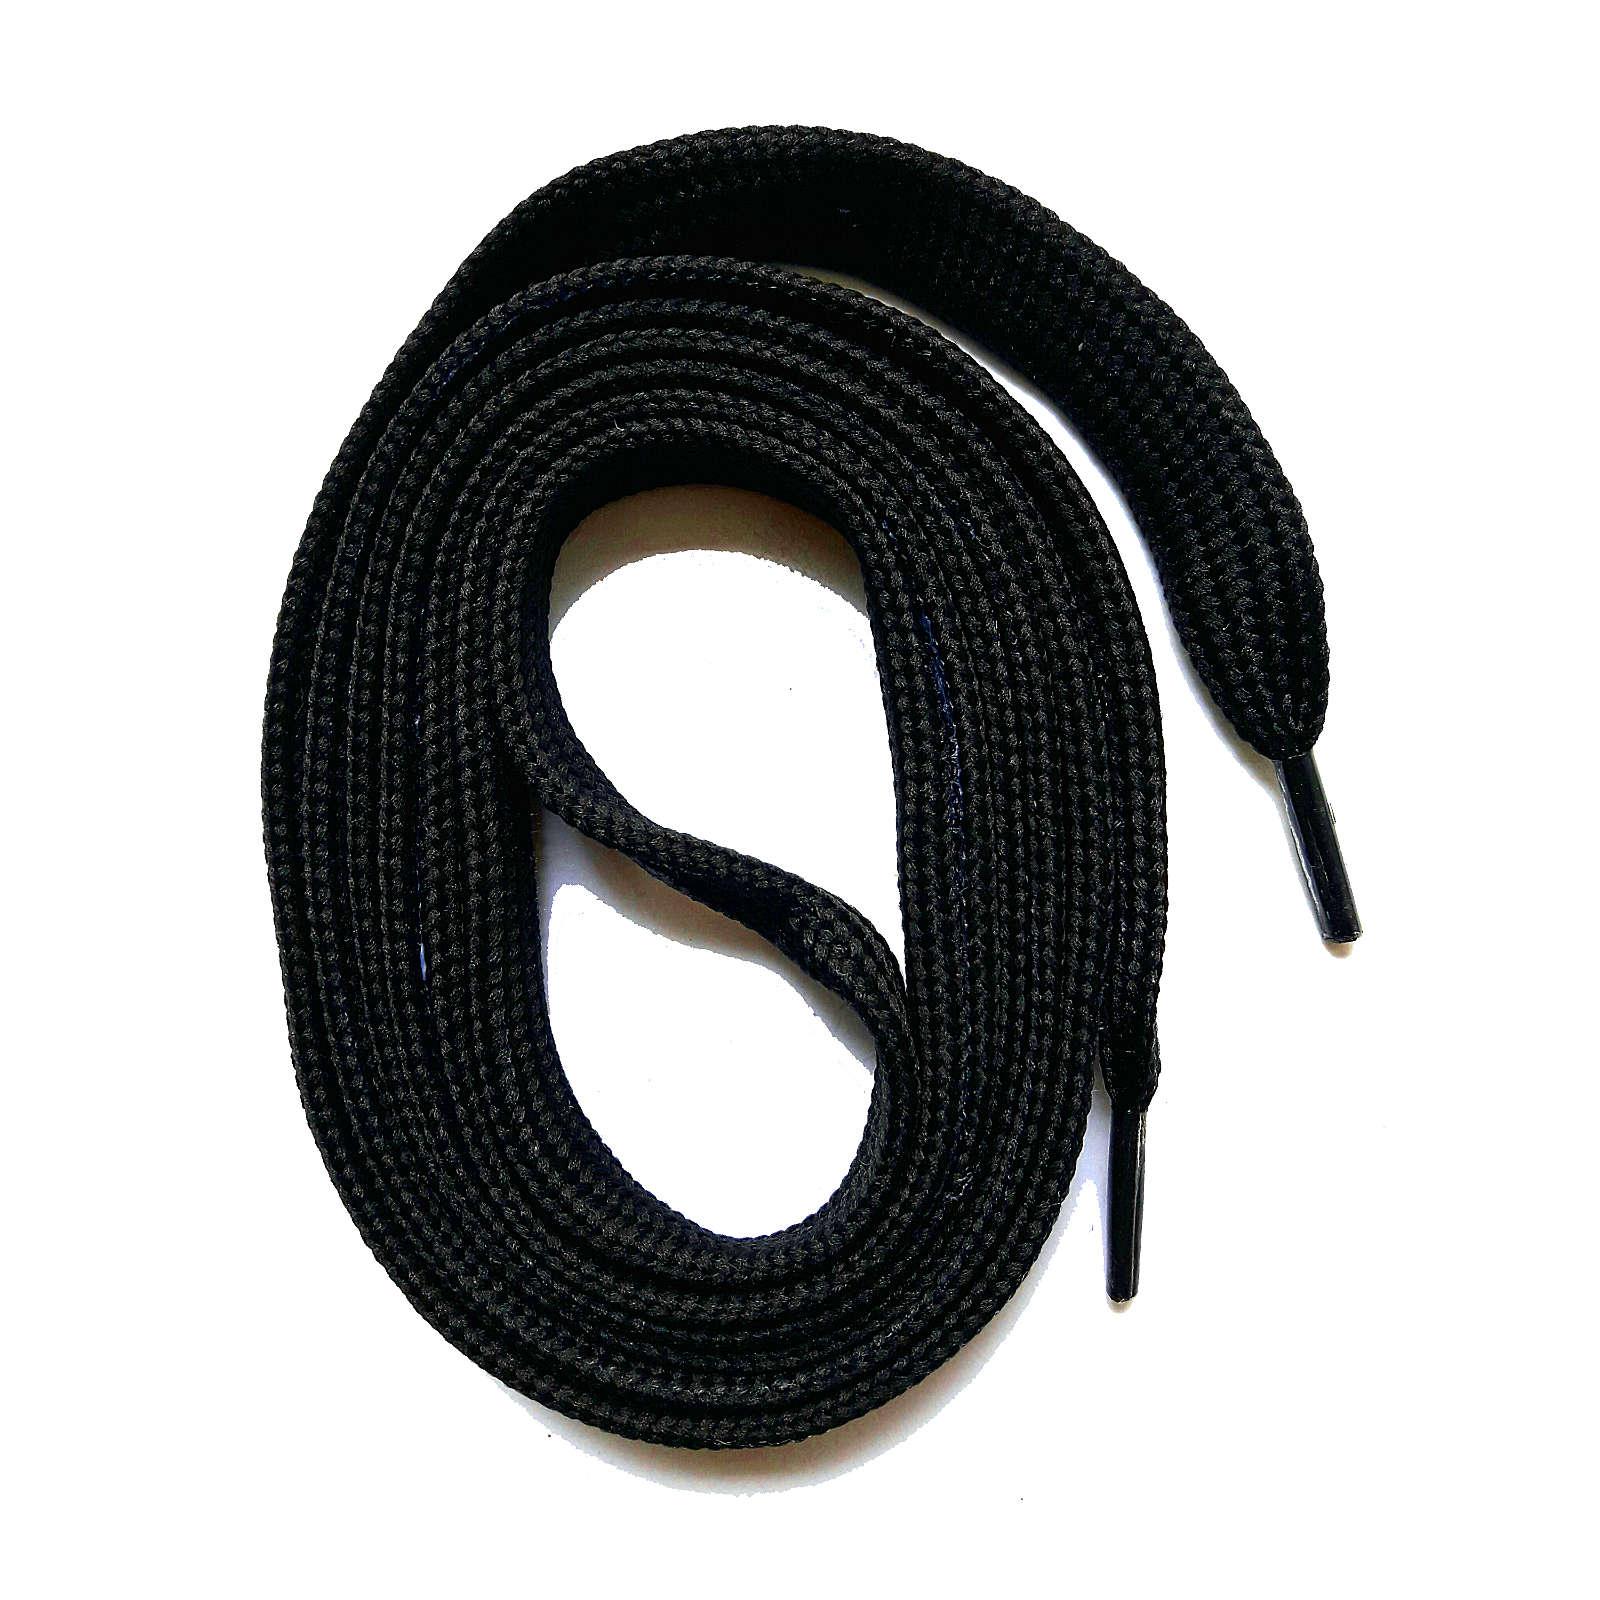 SNORS shoefriends Schnürsenkel flach 60-240cm, 7mm aus Polyester Schnürsenkel schwarz Gr. 60